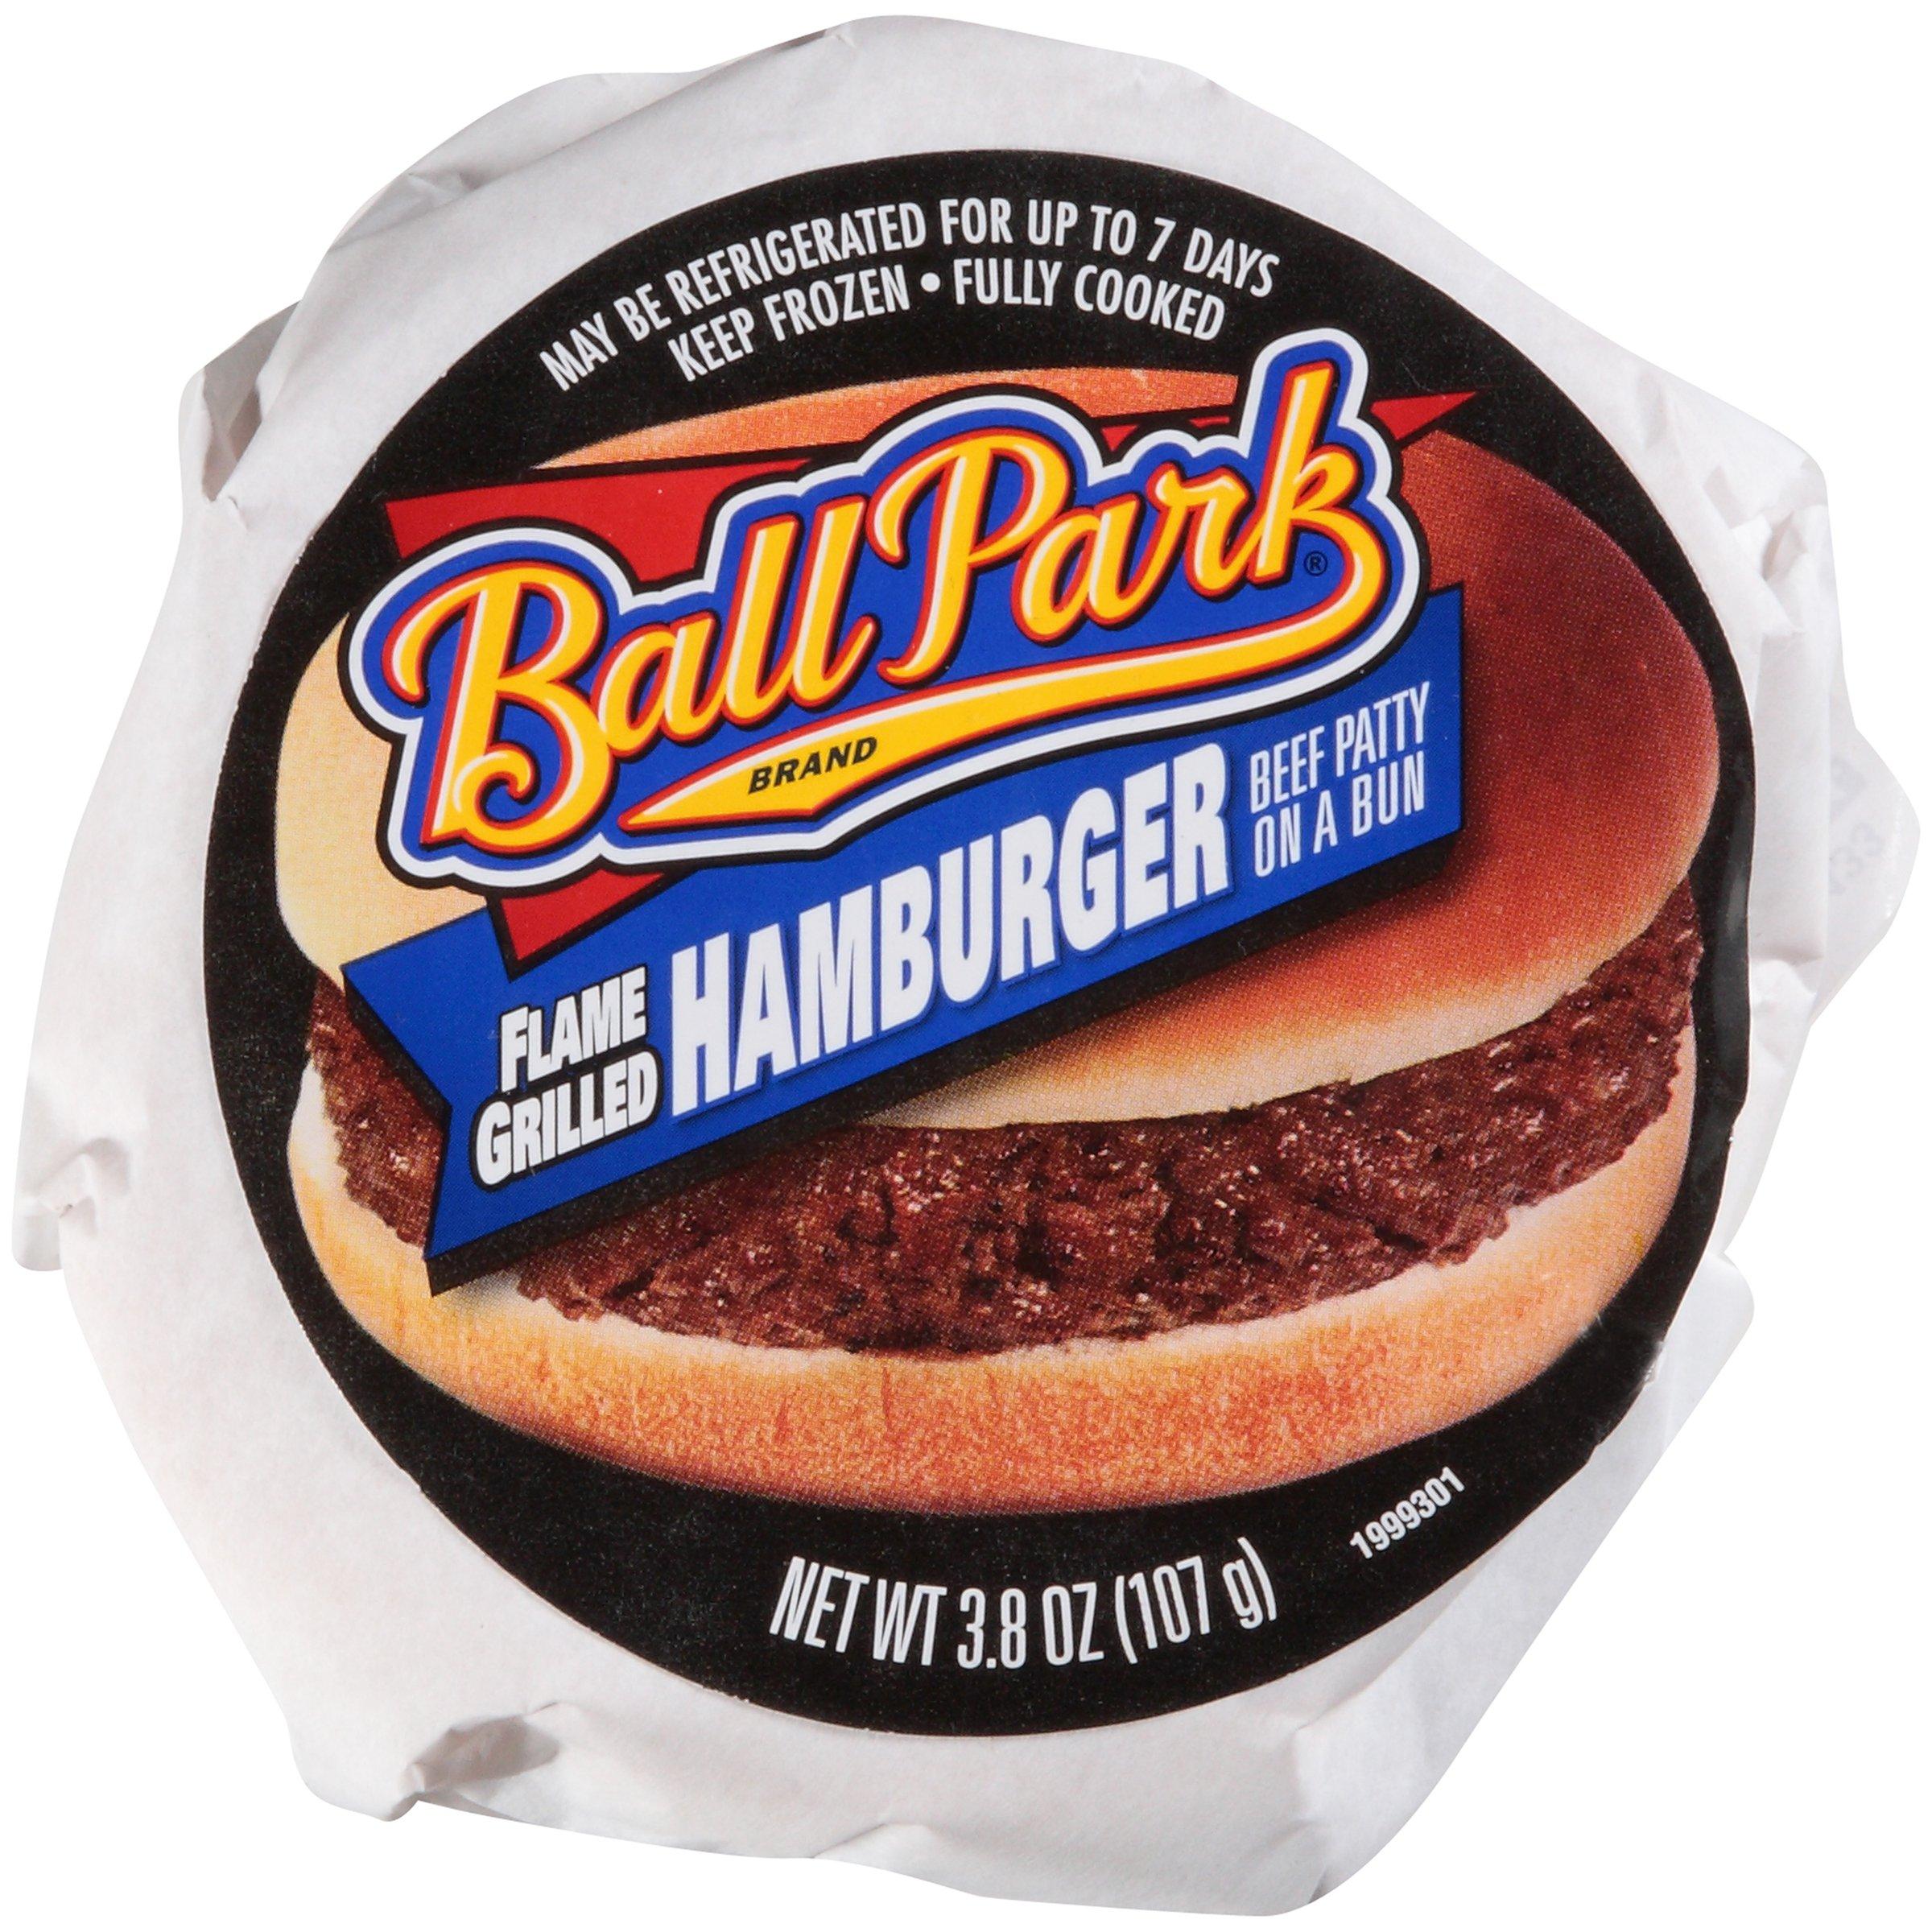 Ball Park Hamburger Sandwich 3.8 oz-Pack of 12